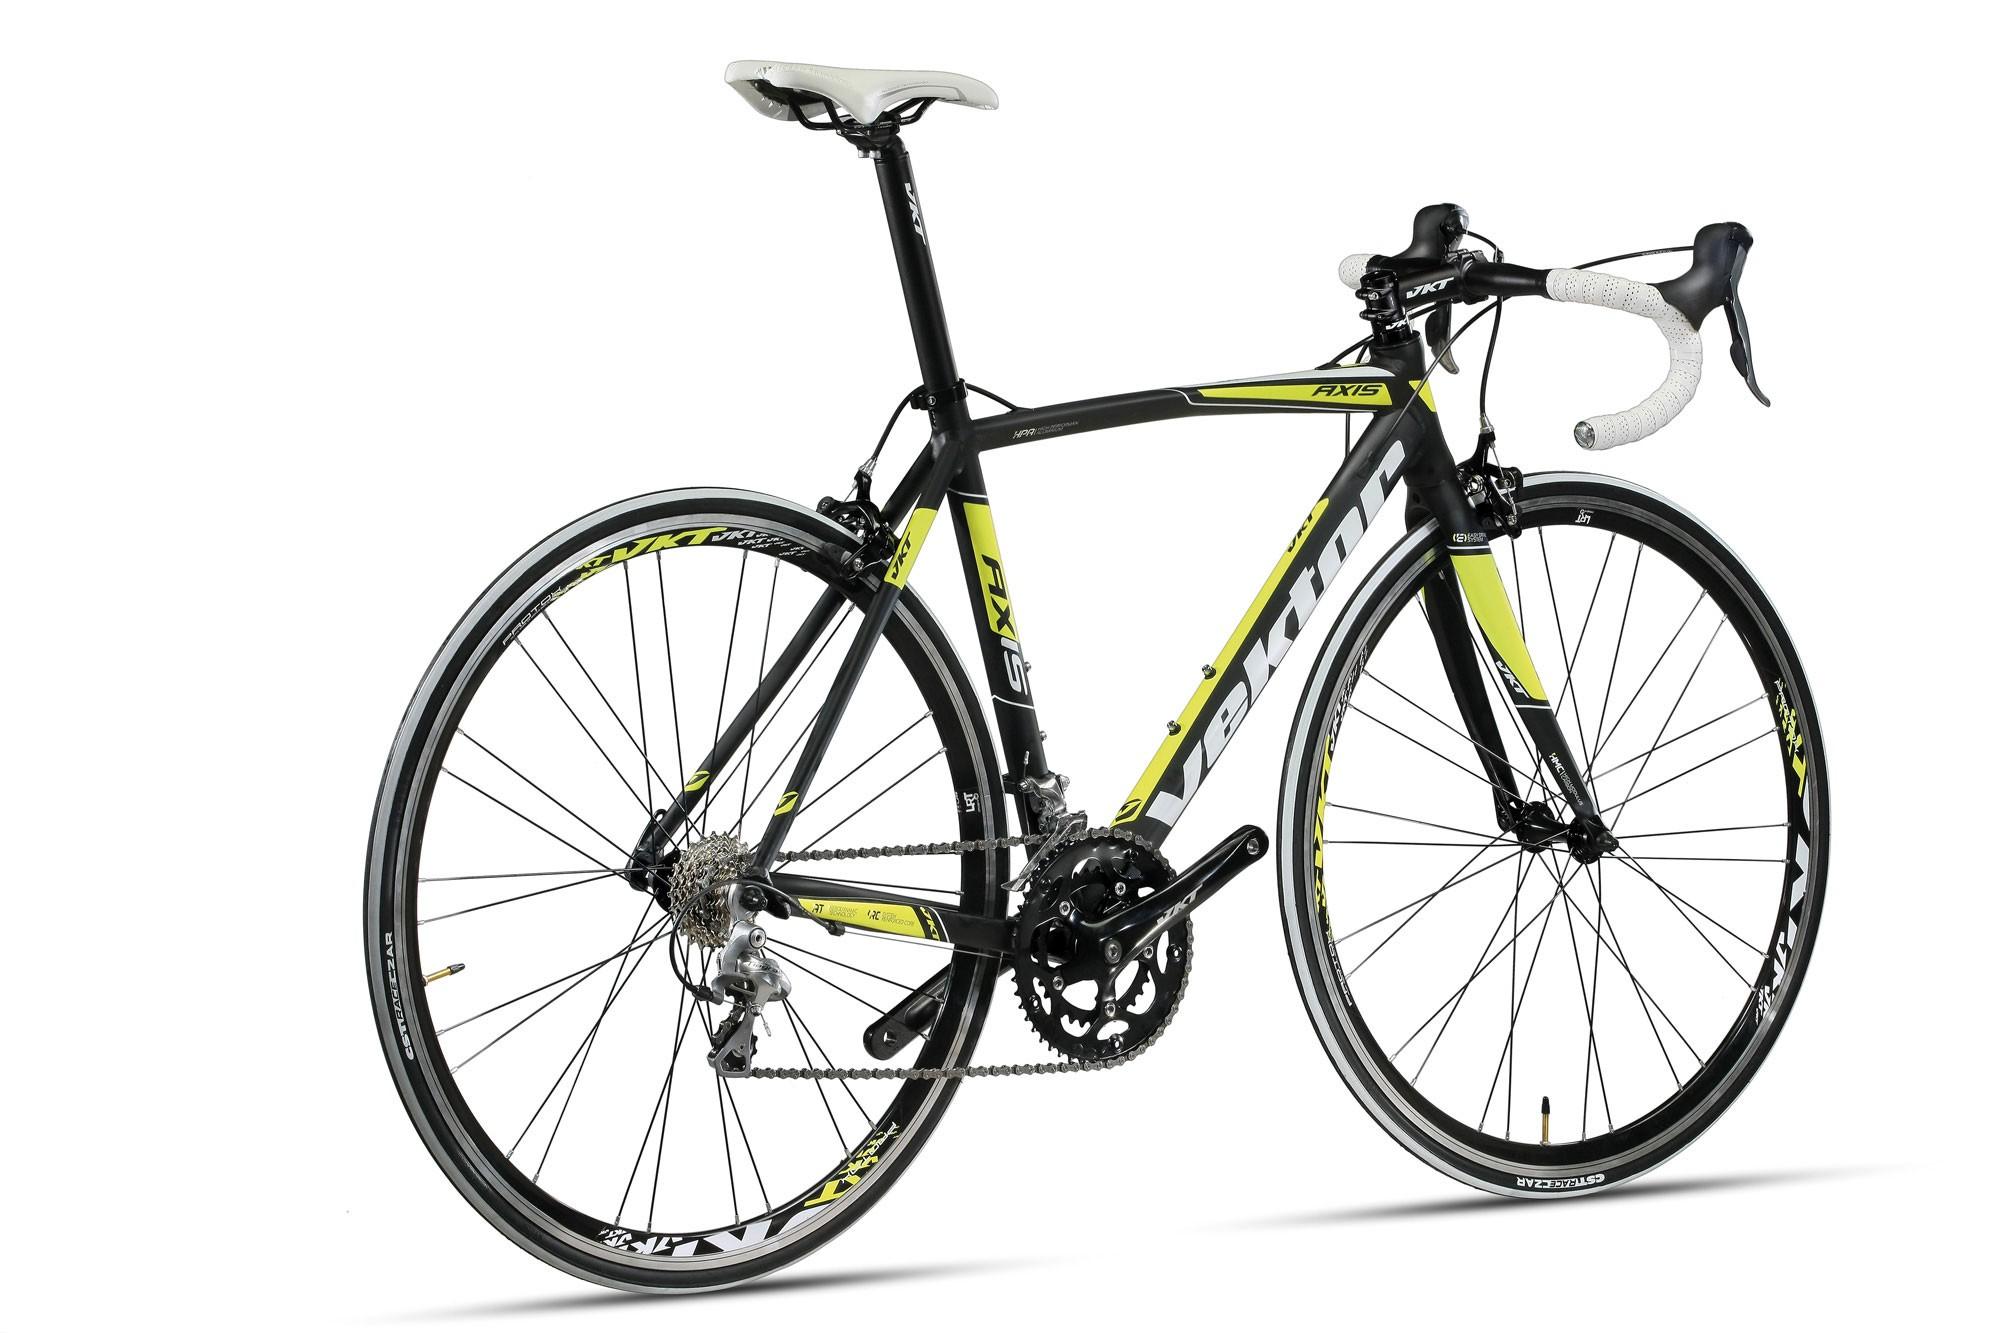 Bici corsa alluminio